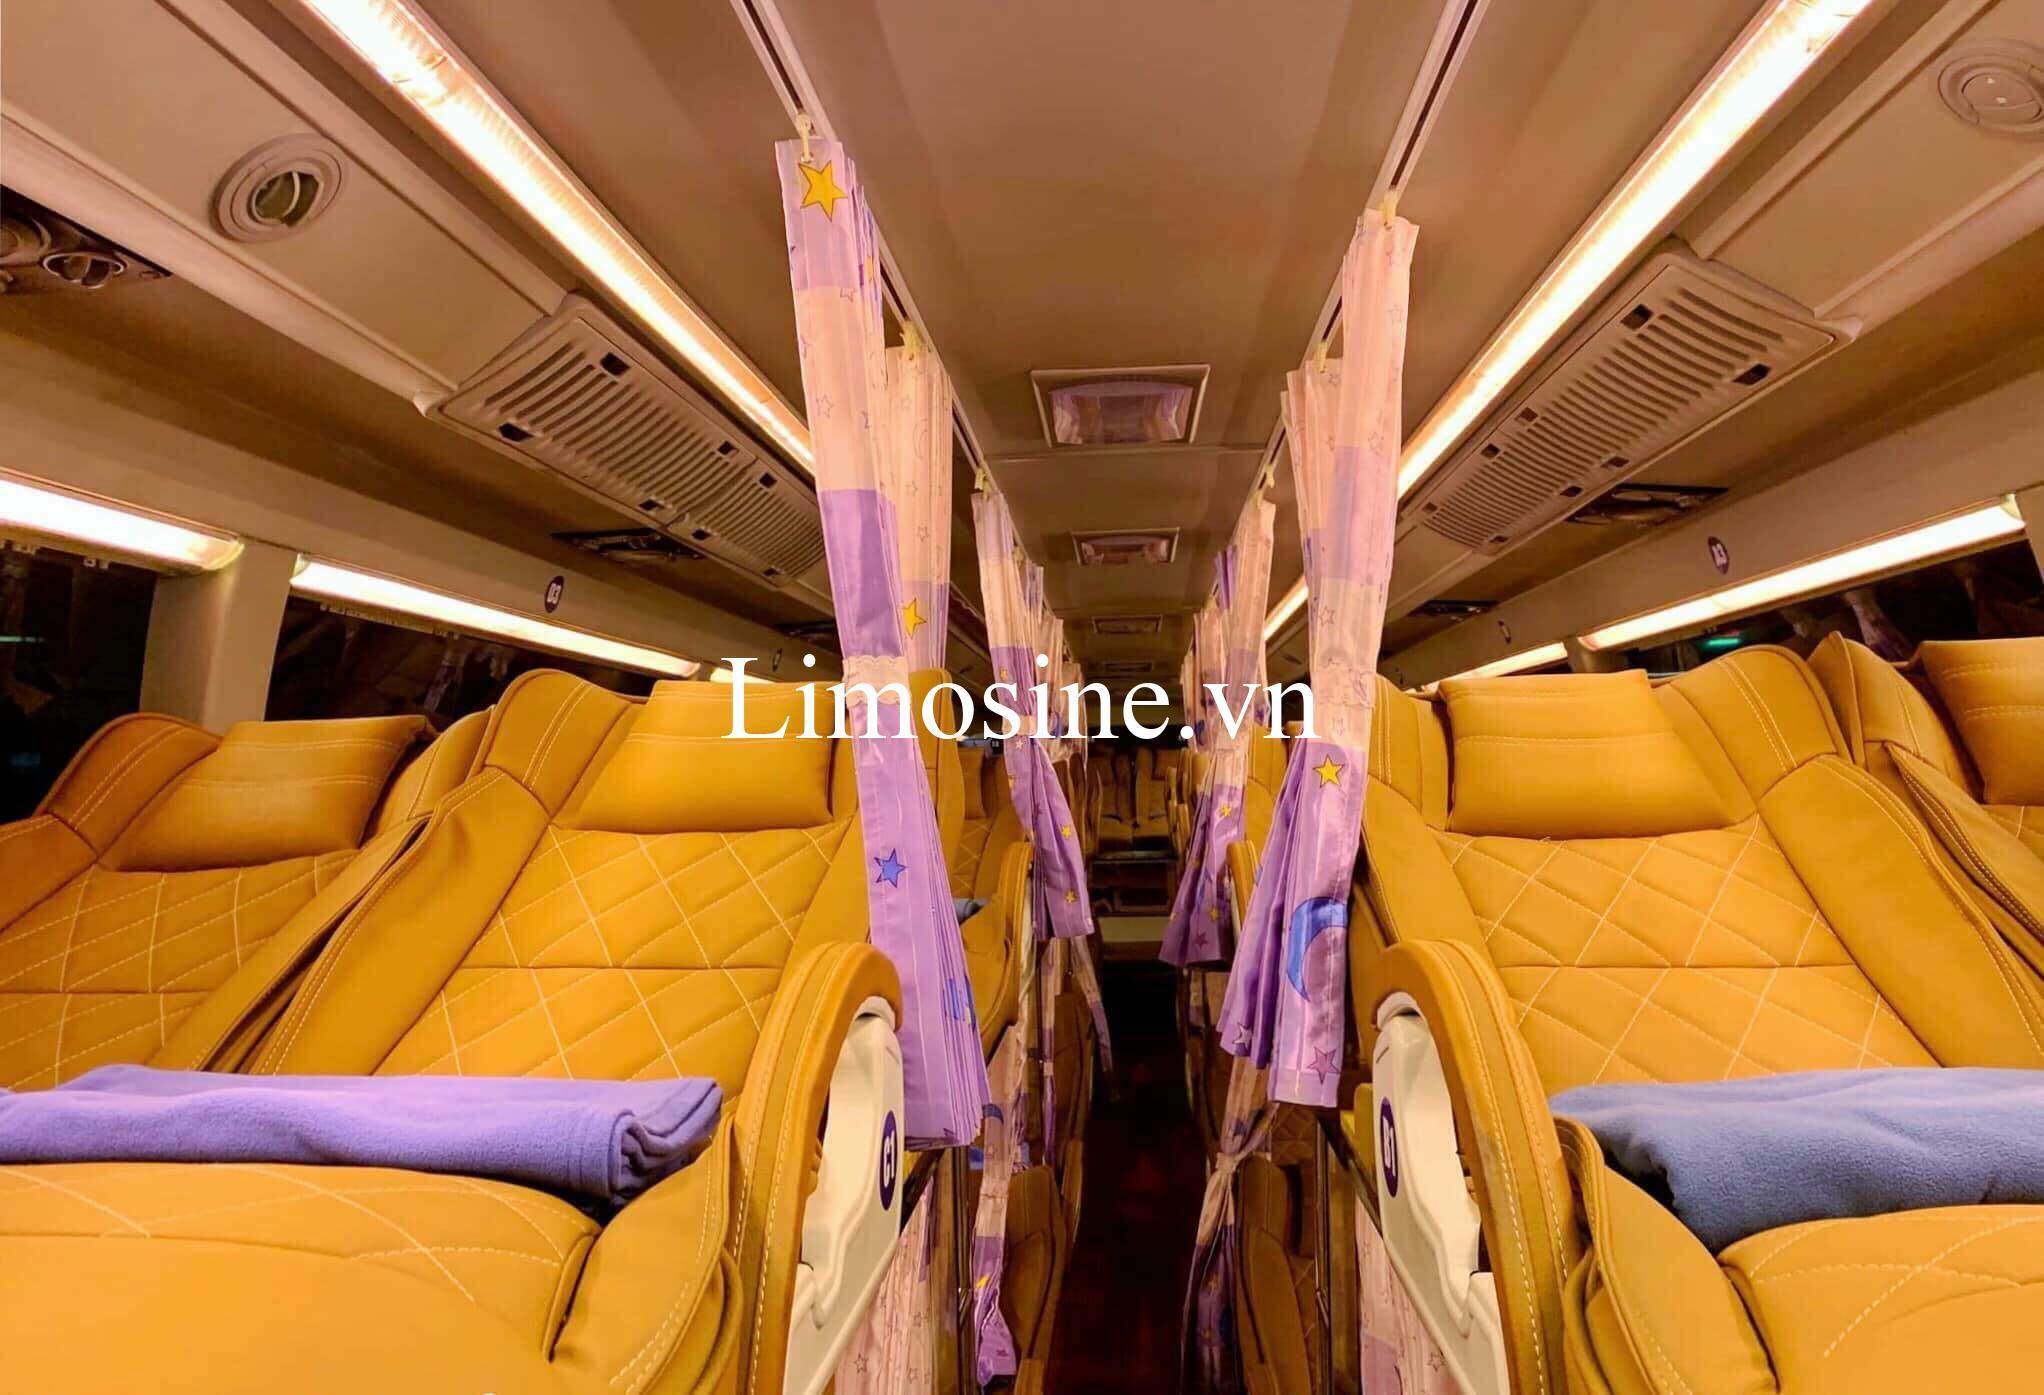 Top 10 Nhà xe Sài Gòn Thái Nguyên limousine giường nằm giá rẻ